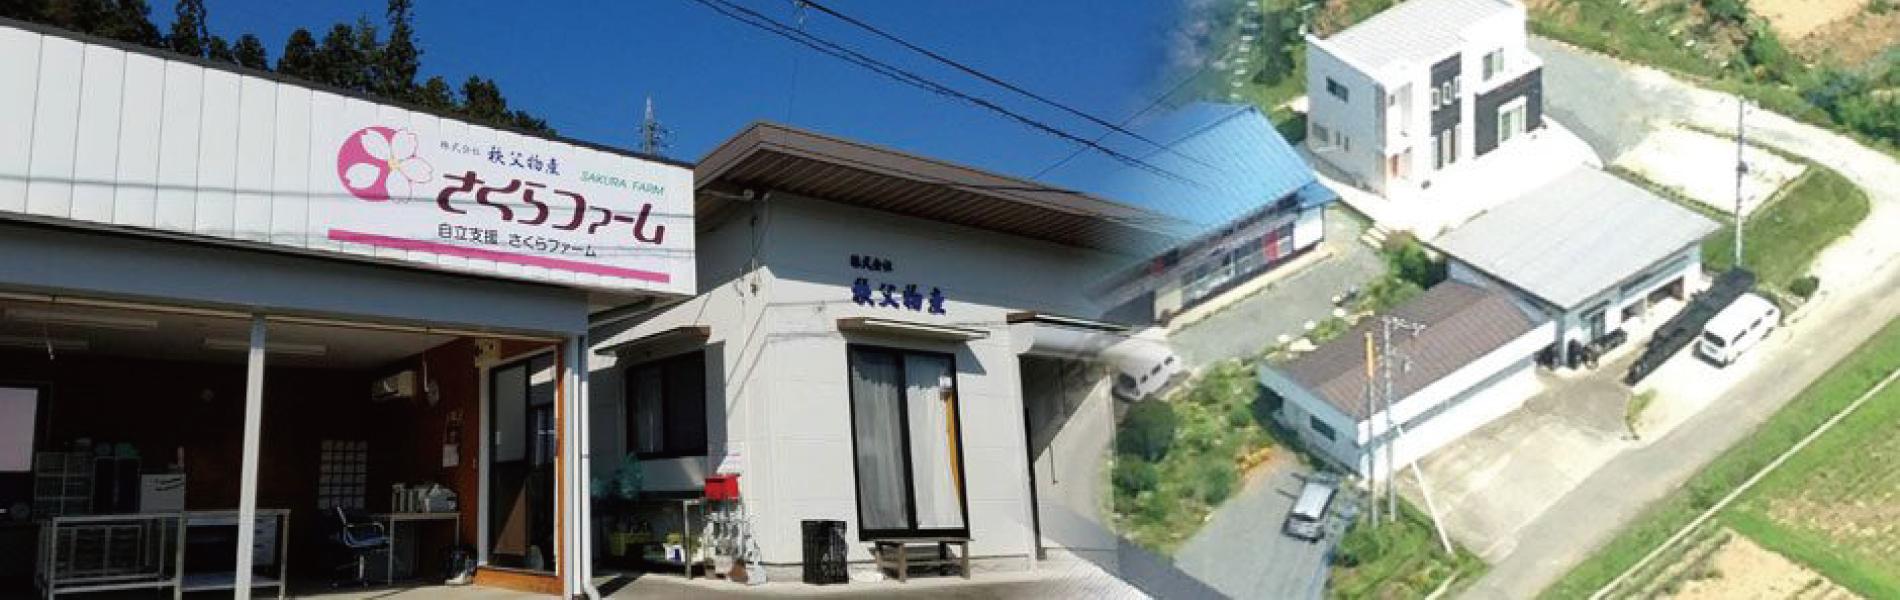 埼玉県秩父市 障がい者自立支援施設さくらファーム